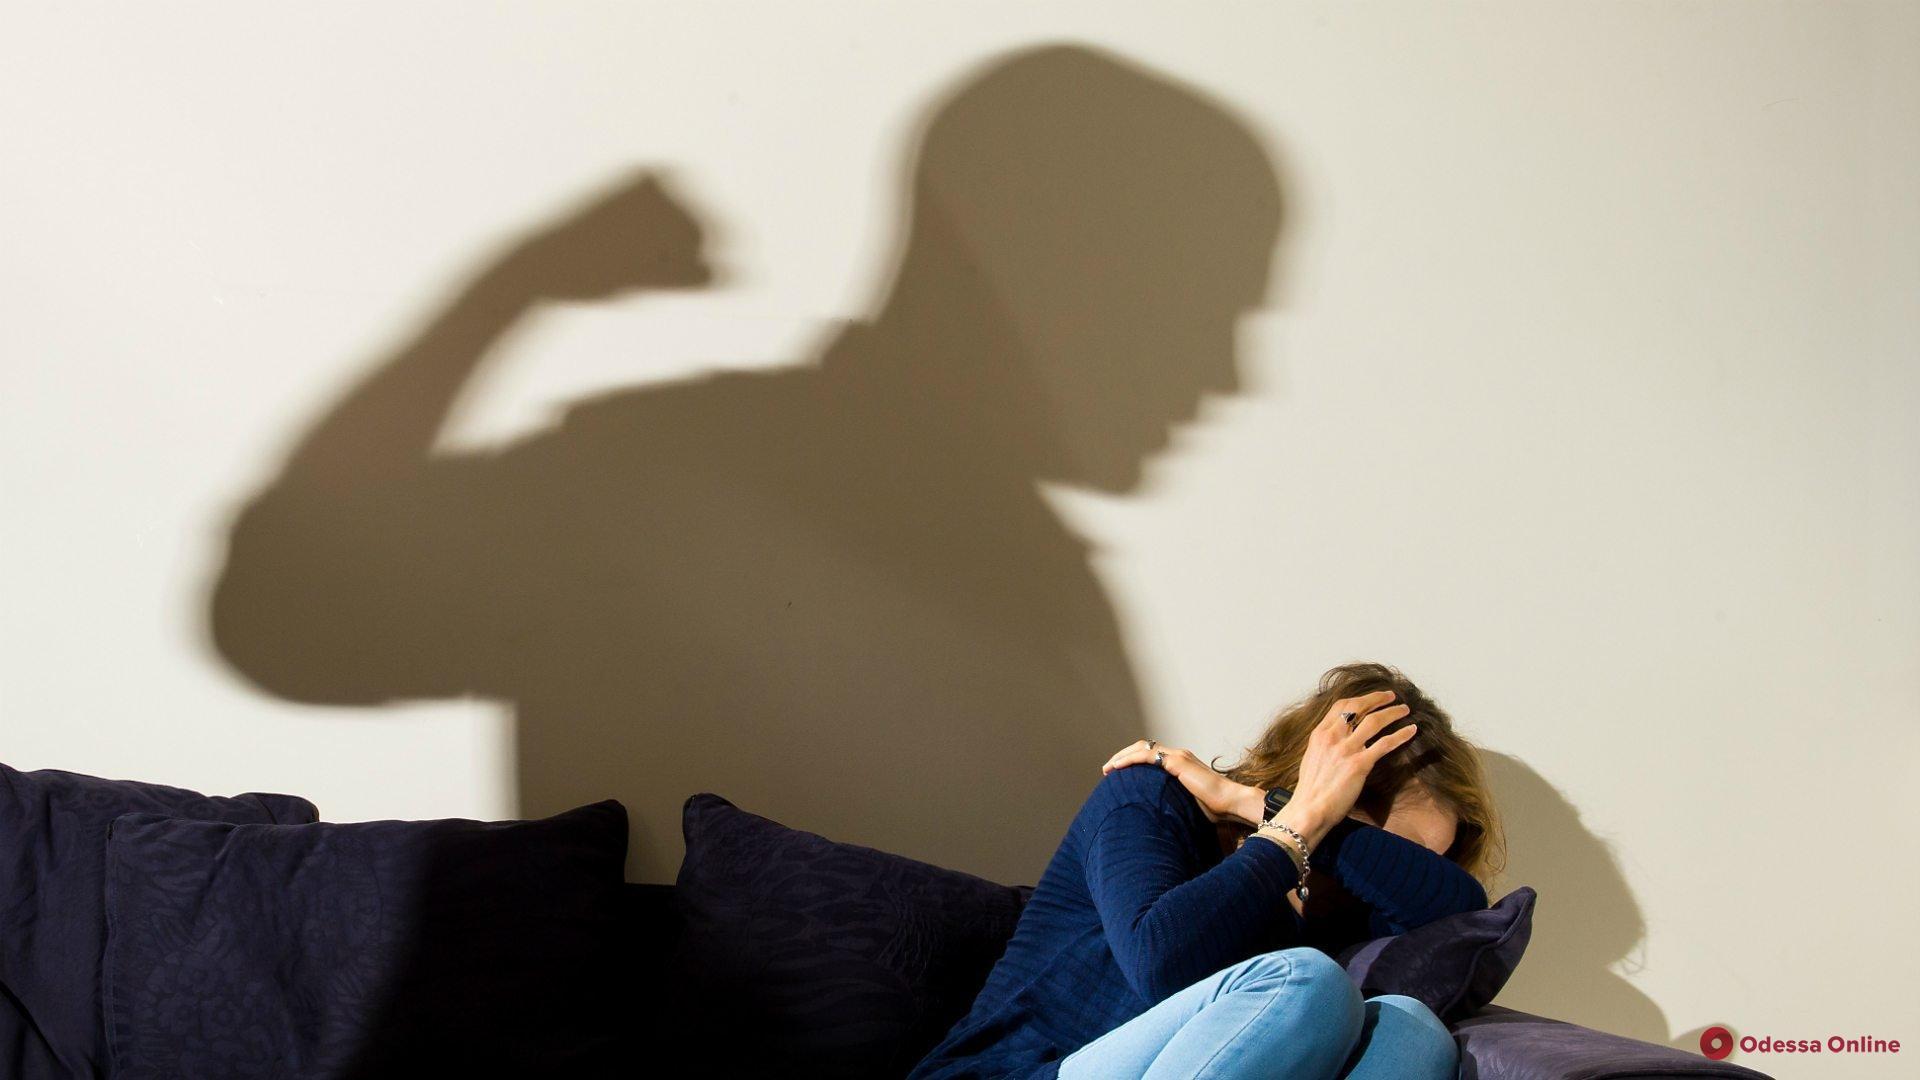 Напивается и избивает жену: в Одесской области накажут домашнего тирана